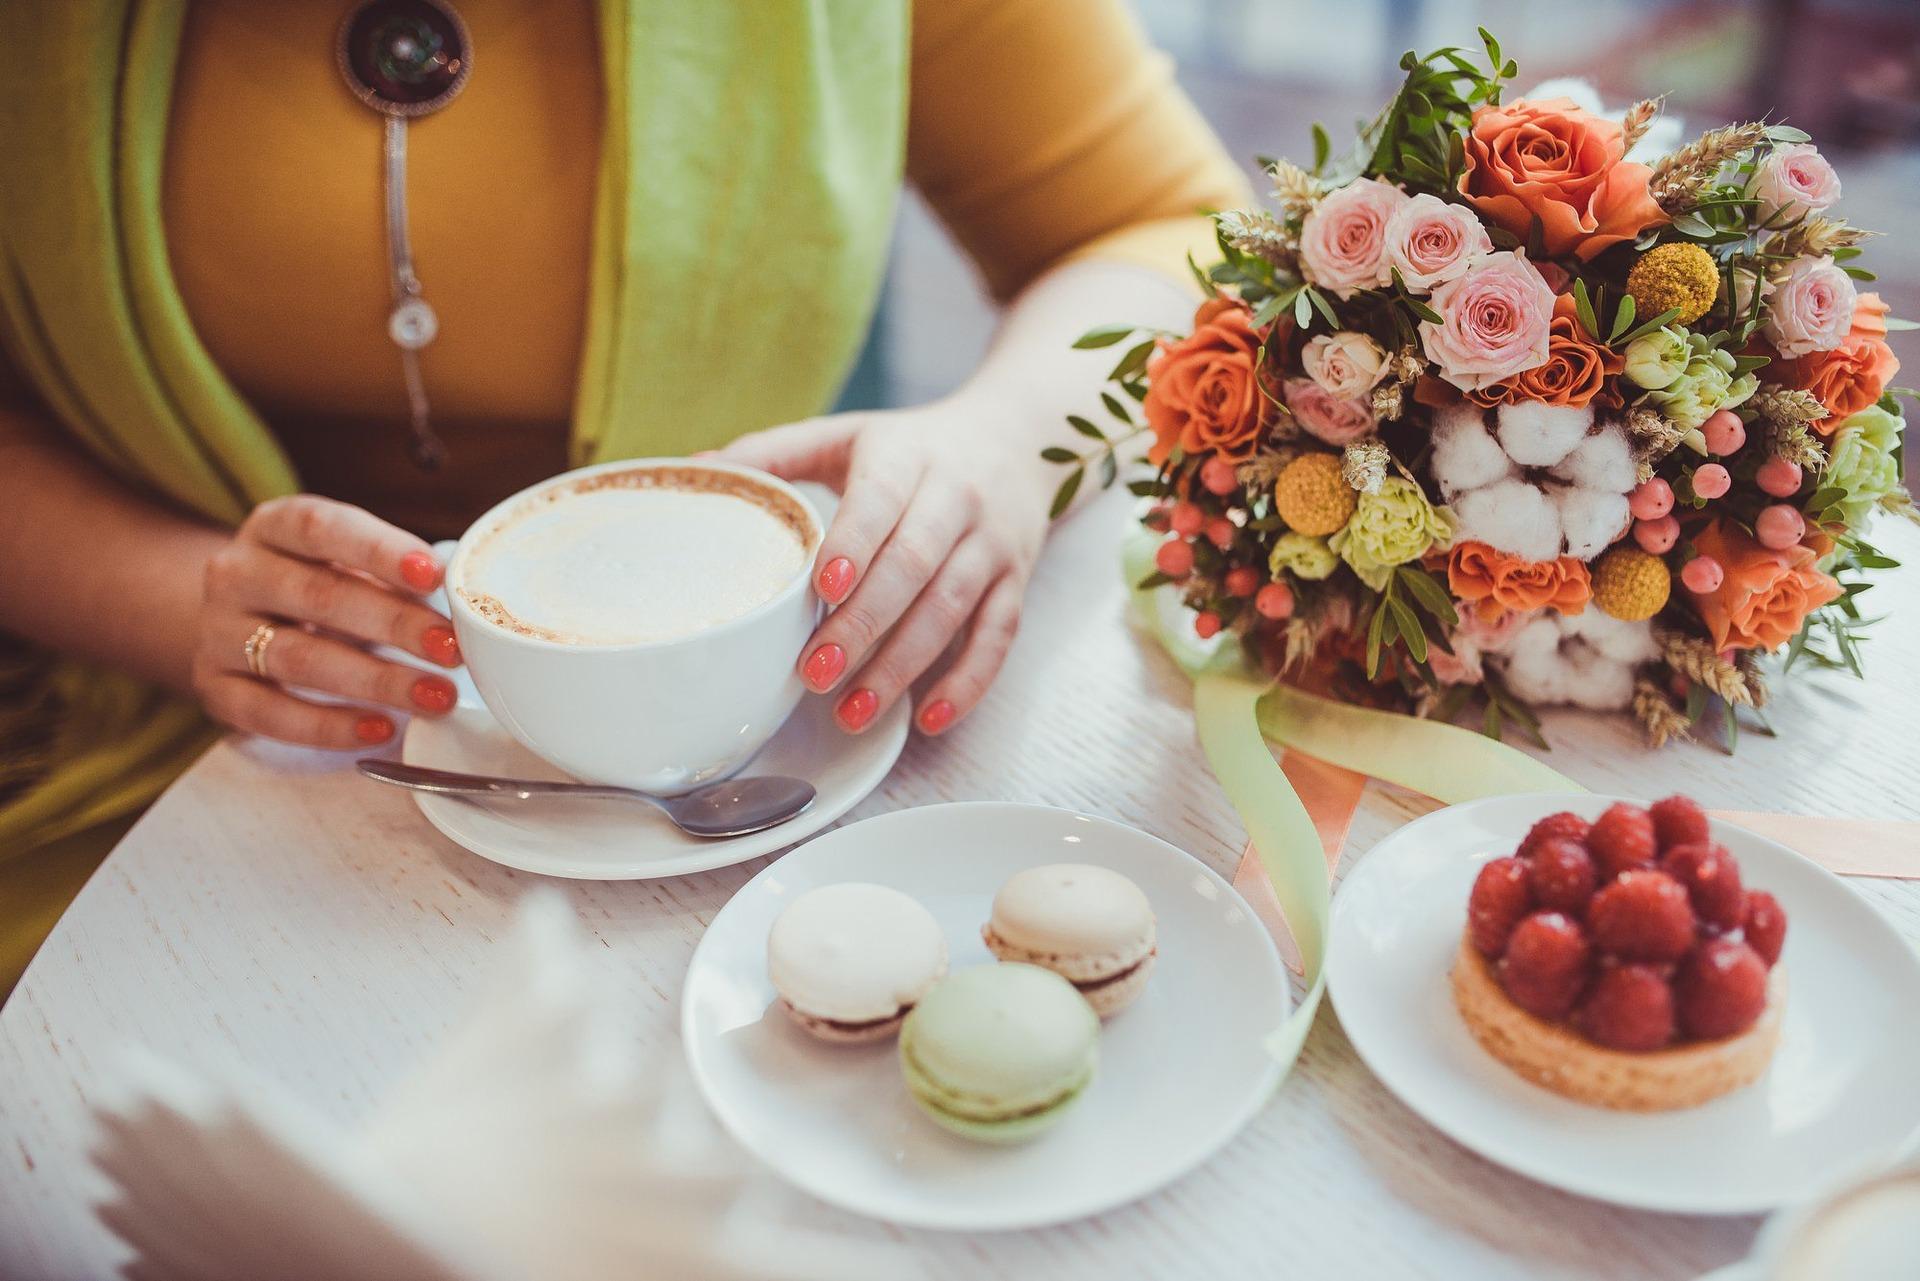 Novodobý fenomén menom závislosť od cukru. Naozaj existuje?